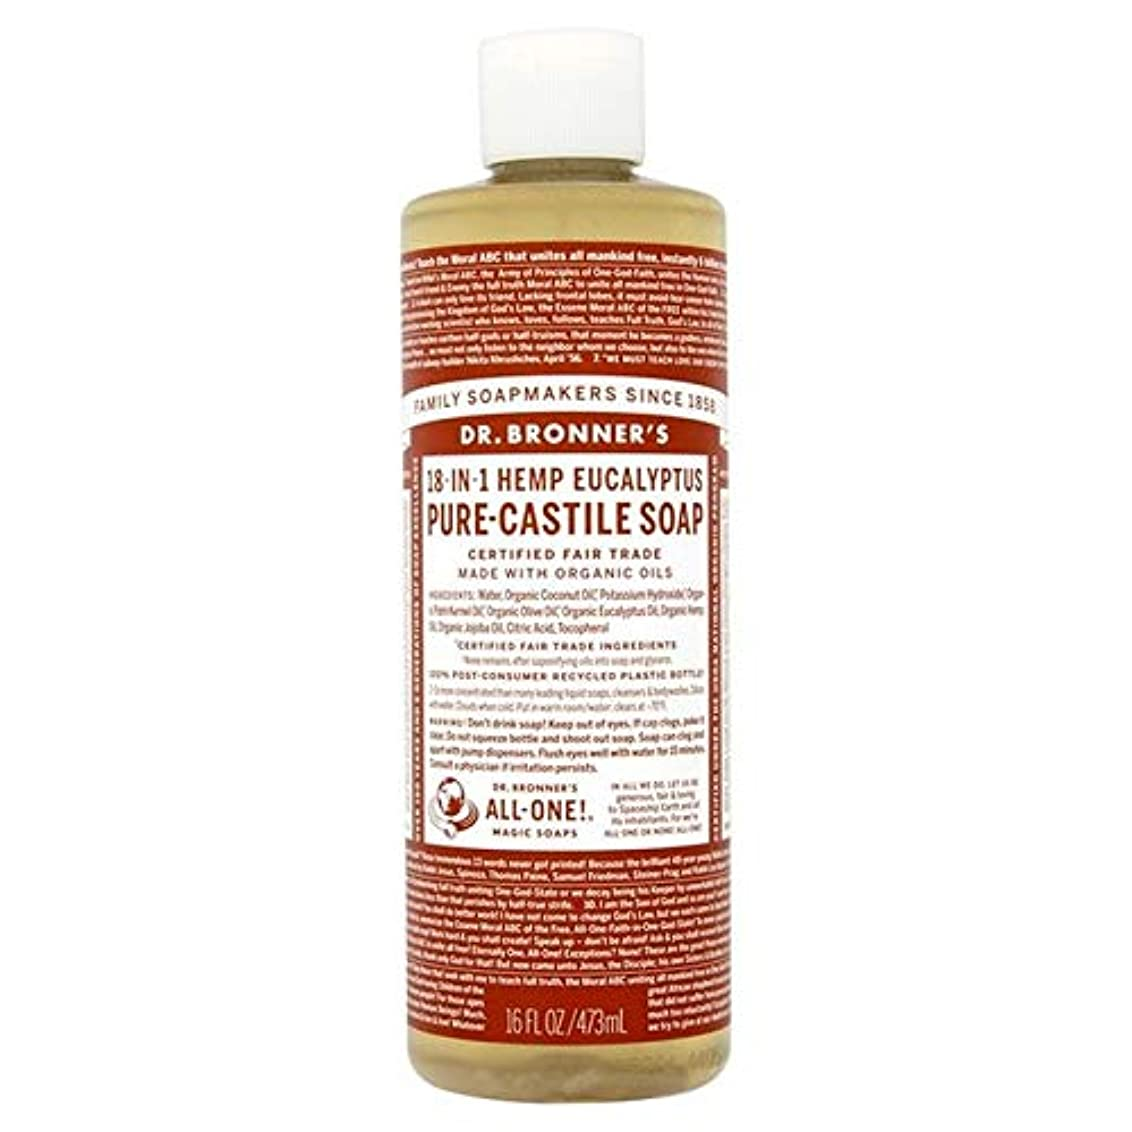 散逸前文ストライク[Dr Bronner] Dr。ブロナーズ有機ユーカリの純粋な-カスティーリャ液体石鹸473ミリリットル - Dr. Bronner's Organic Eucalyptus Pure-Castille Liquid Soap...